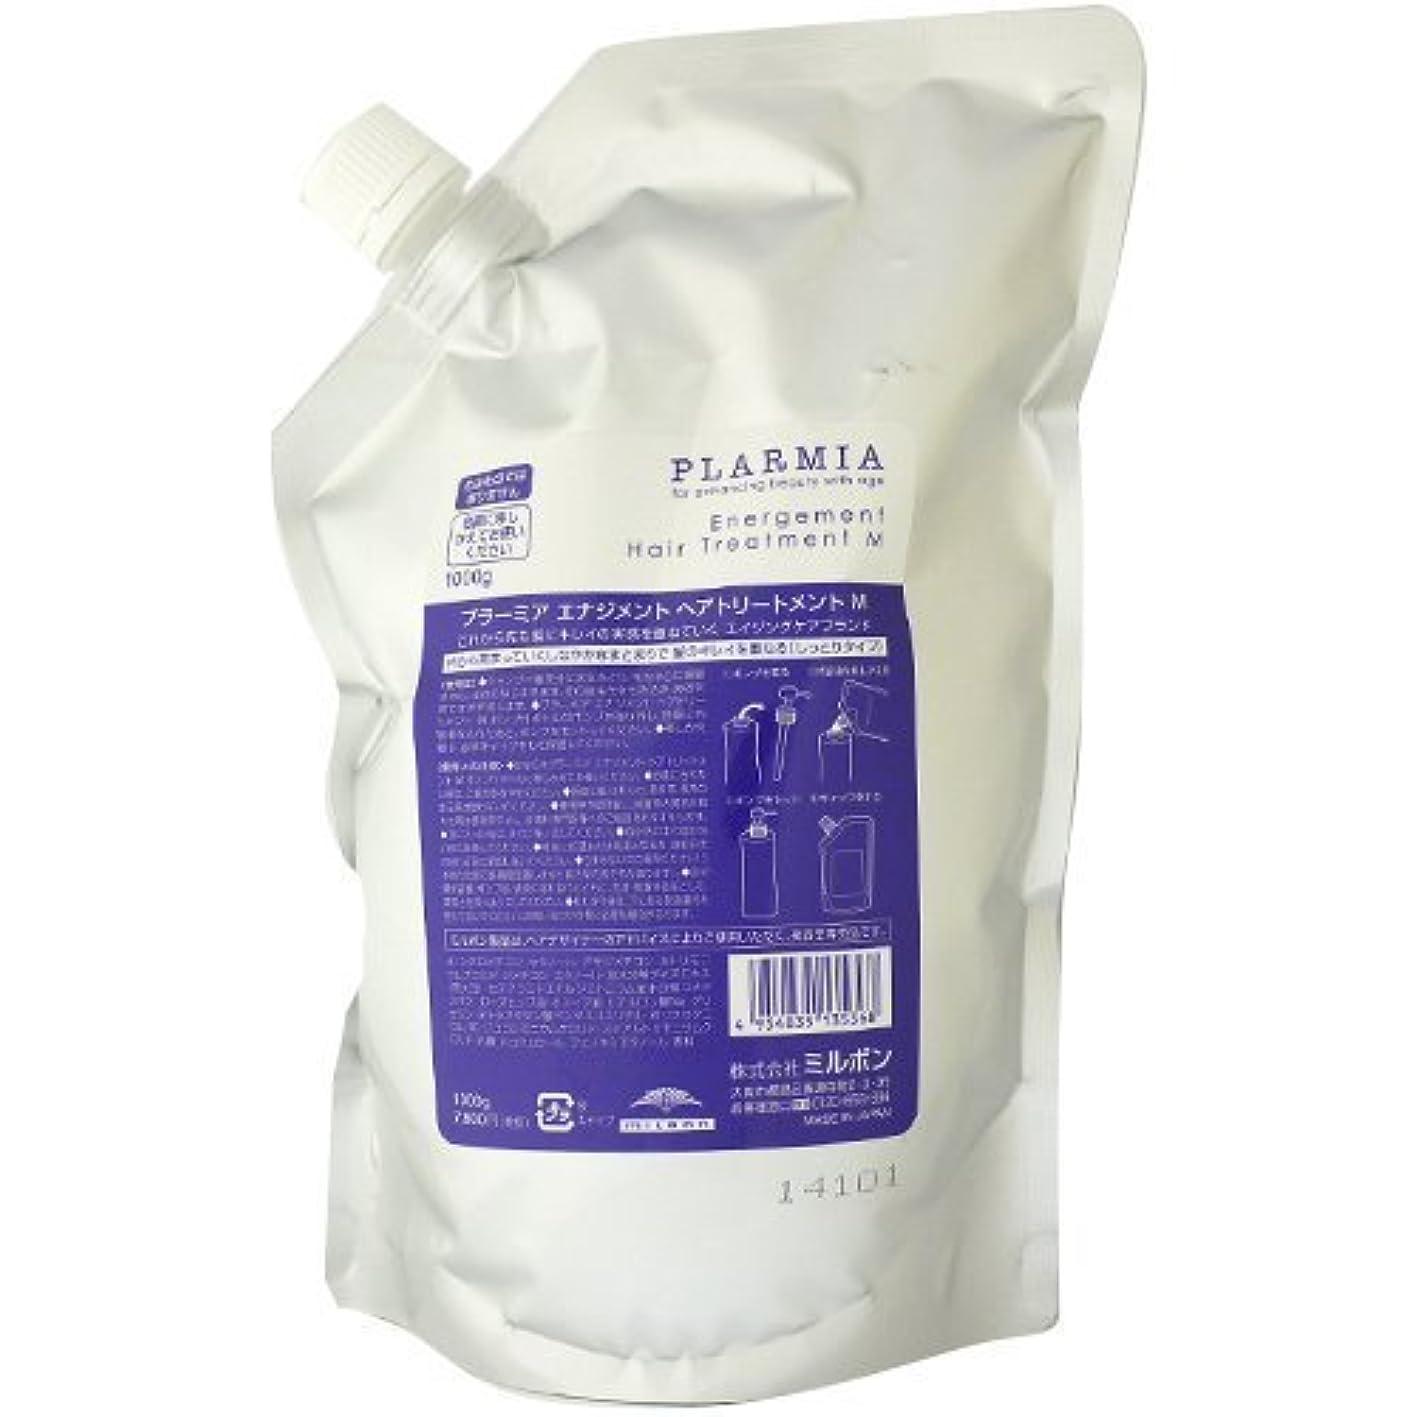 魅力胃ハーフミルボン プラーミア エナジメントヘアトリートメント M 1000g(レフィル)